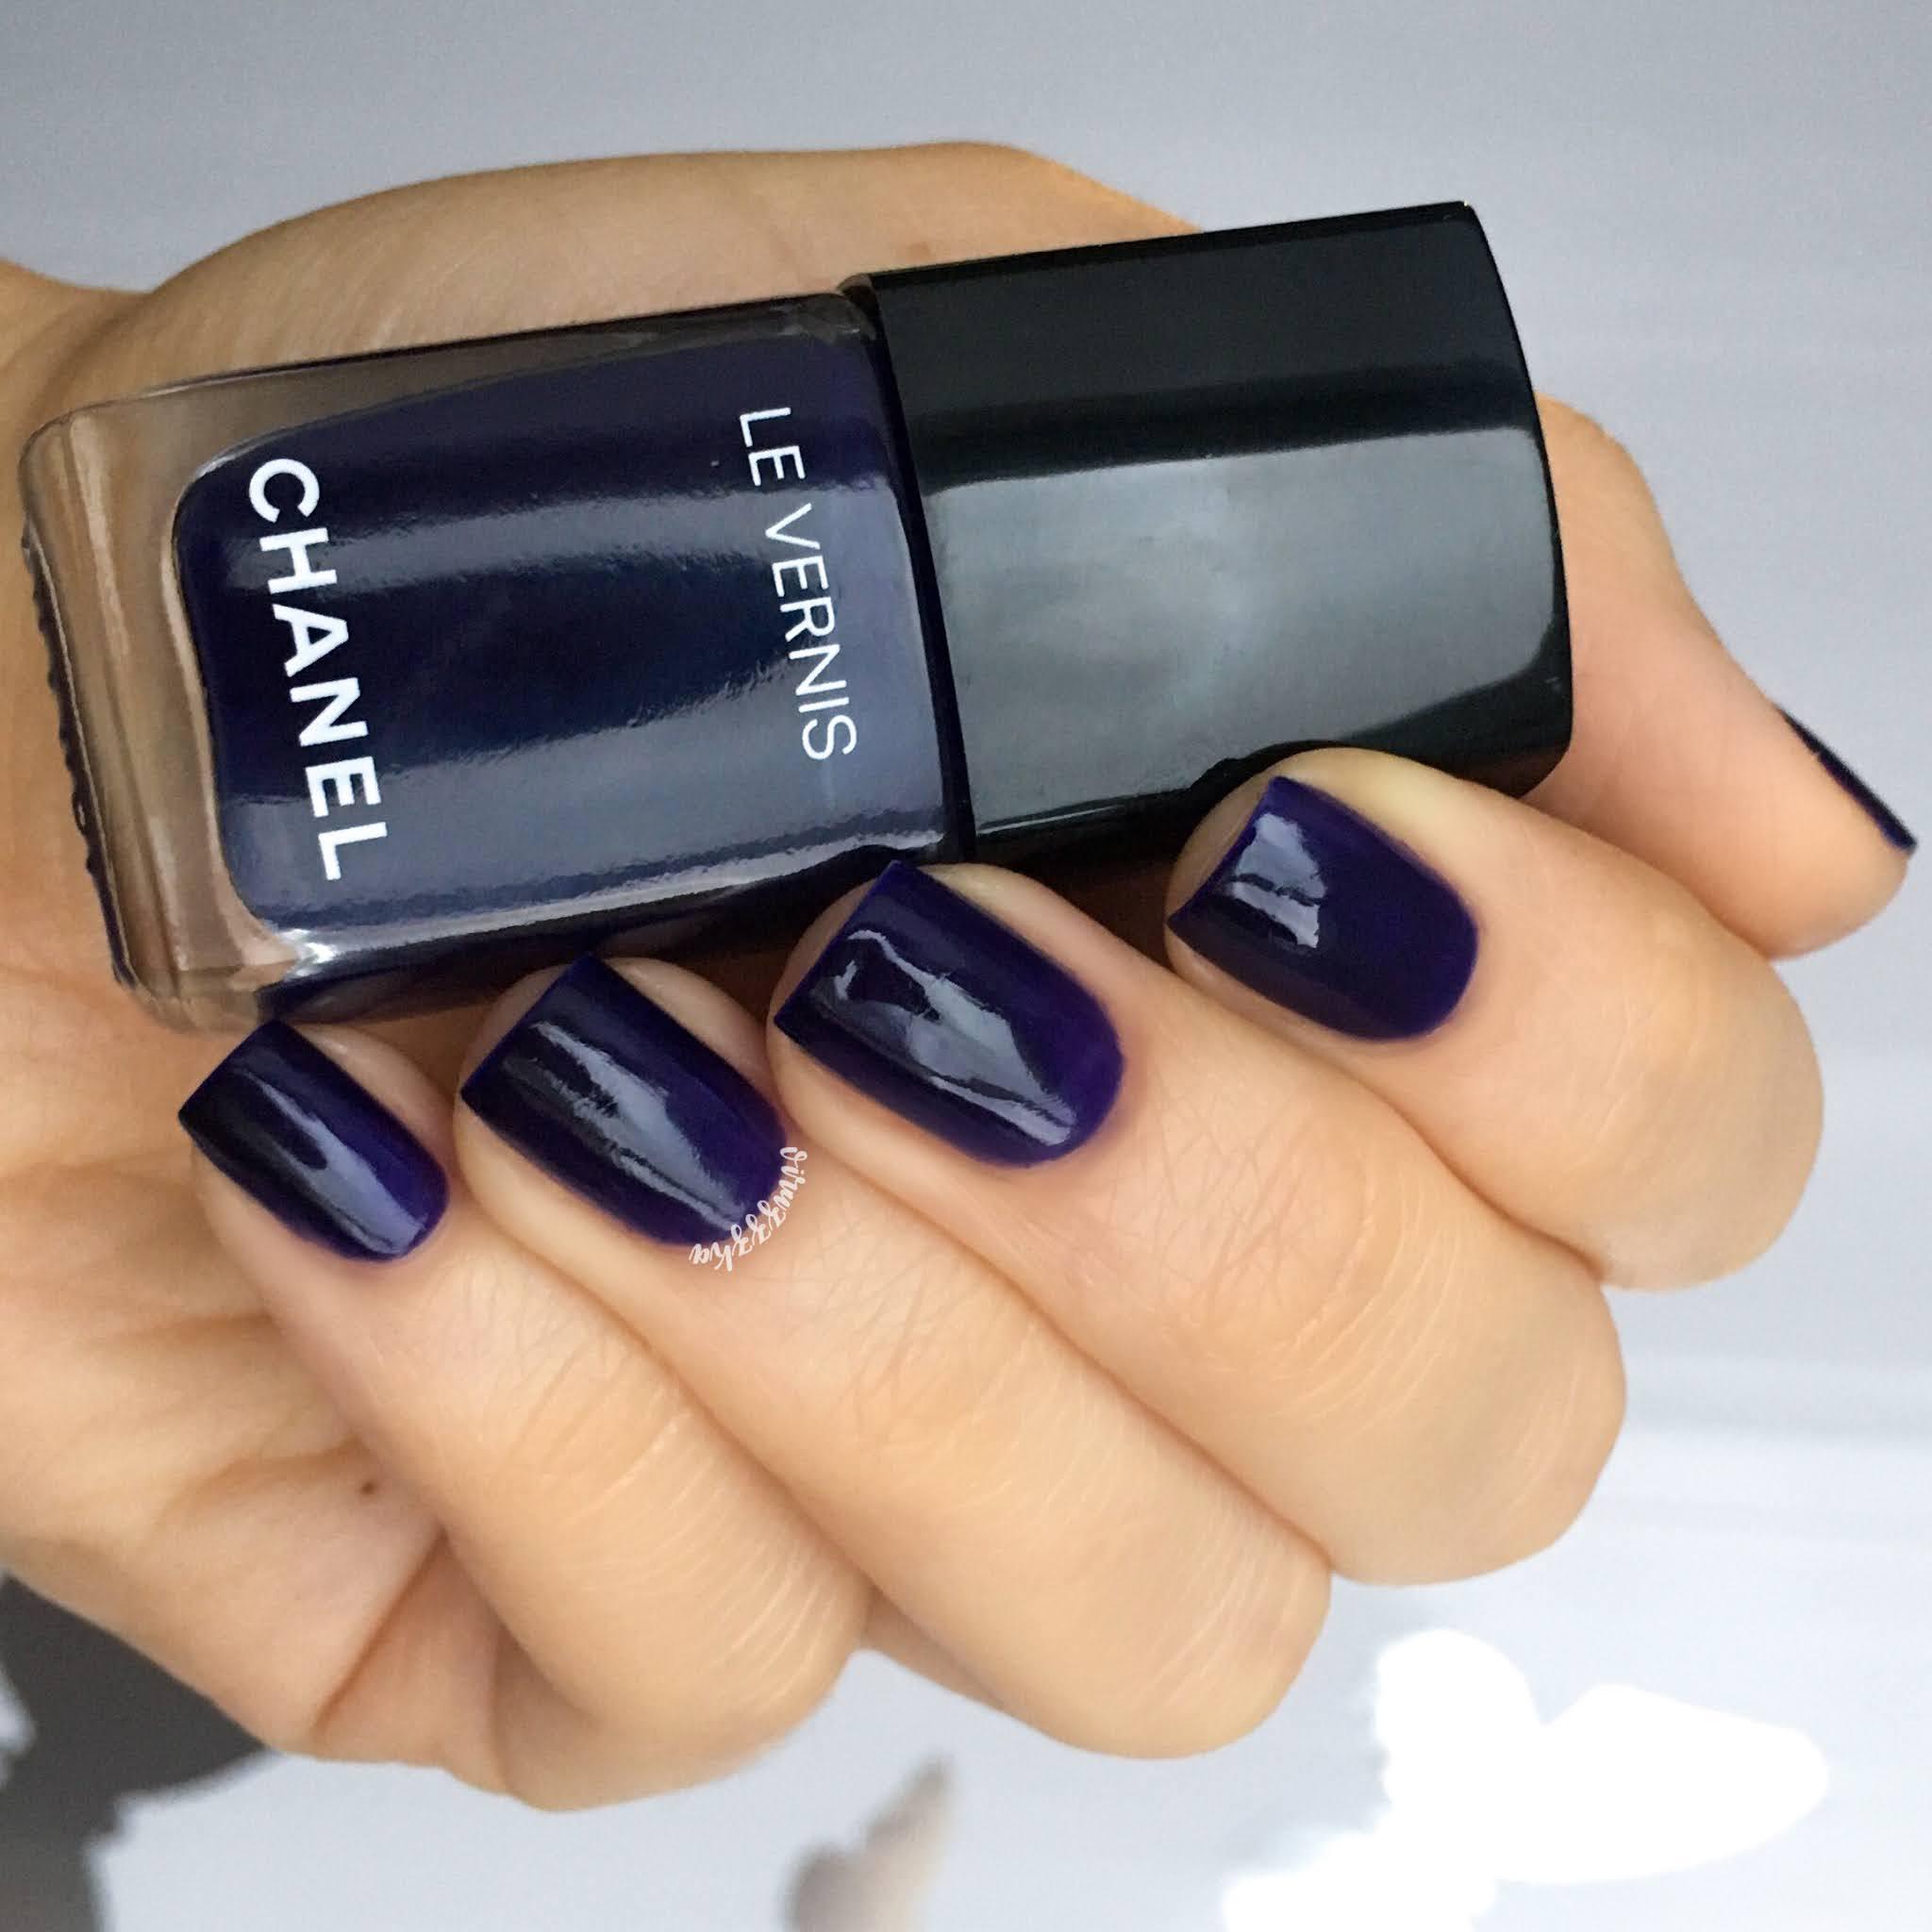 Chanel 622 Violet Piquant Swatch Violet Nails Autumn Manicure Review